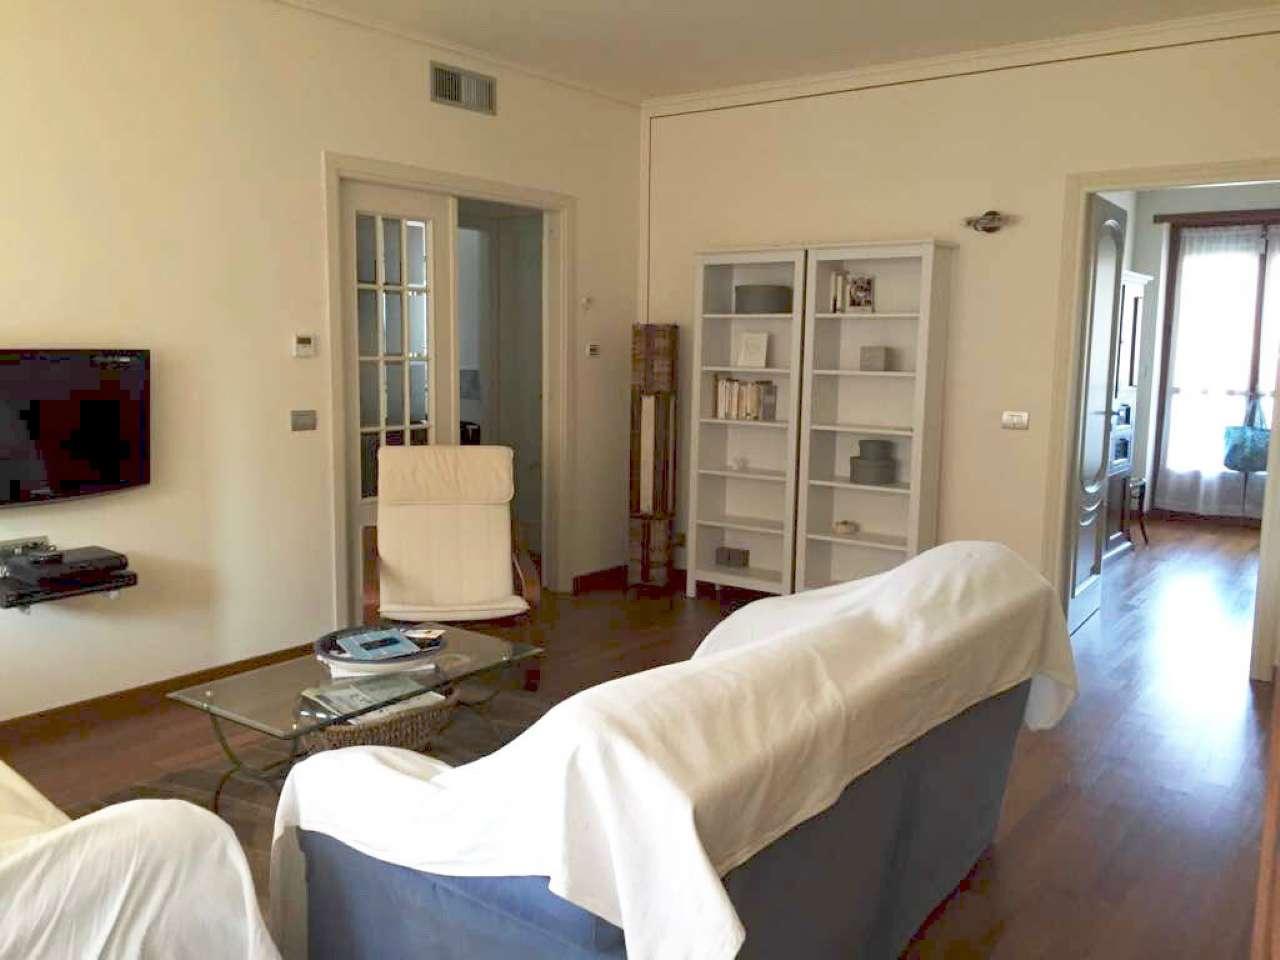 Appartamento in vendita a Bra, 4 locali, prezzo € 242.000 | CambioCasa.it